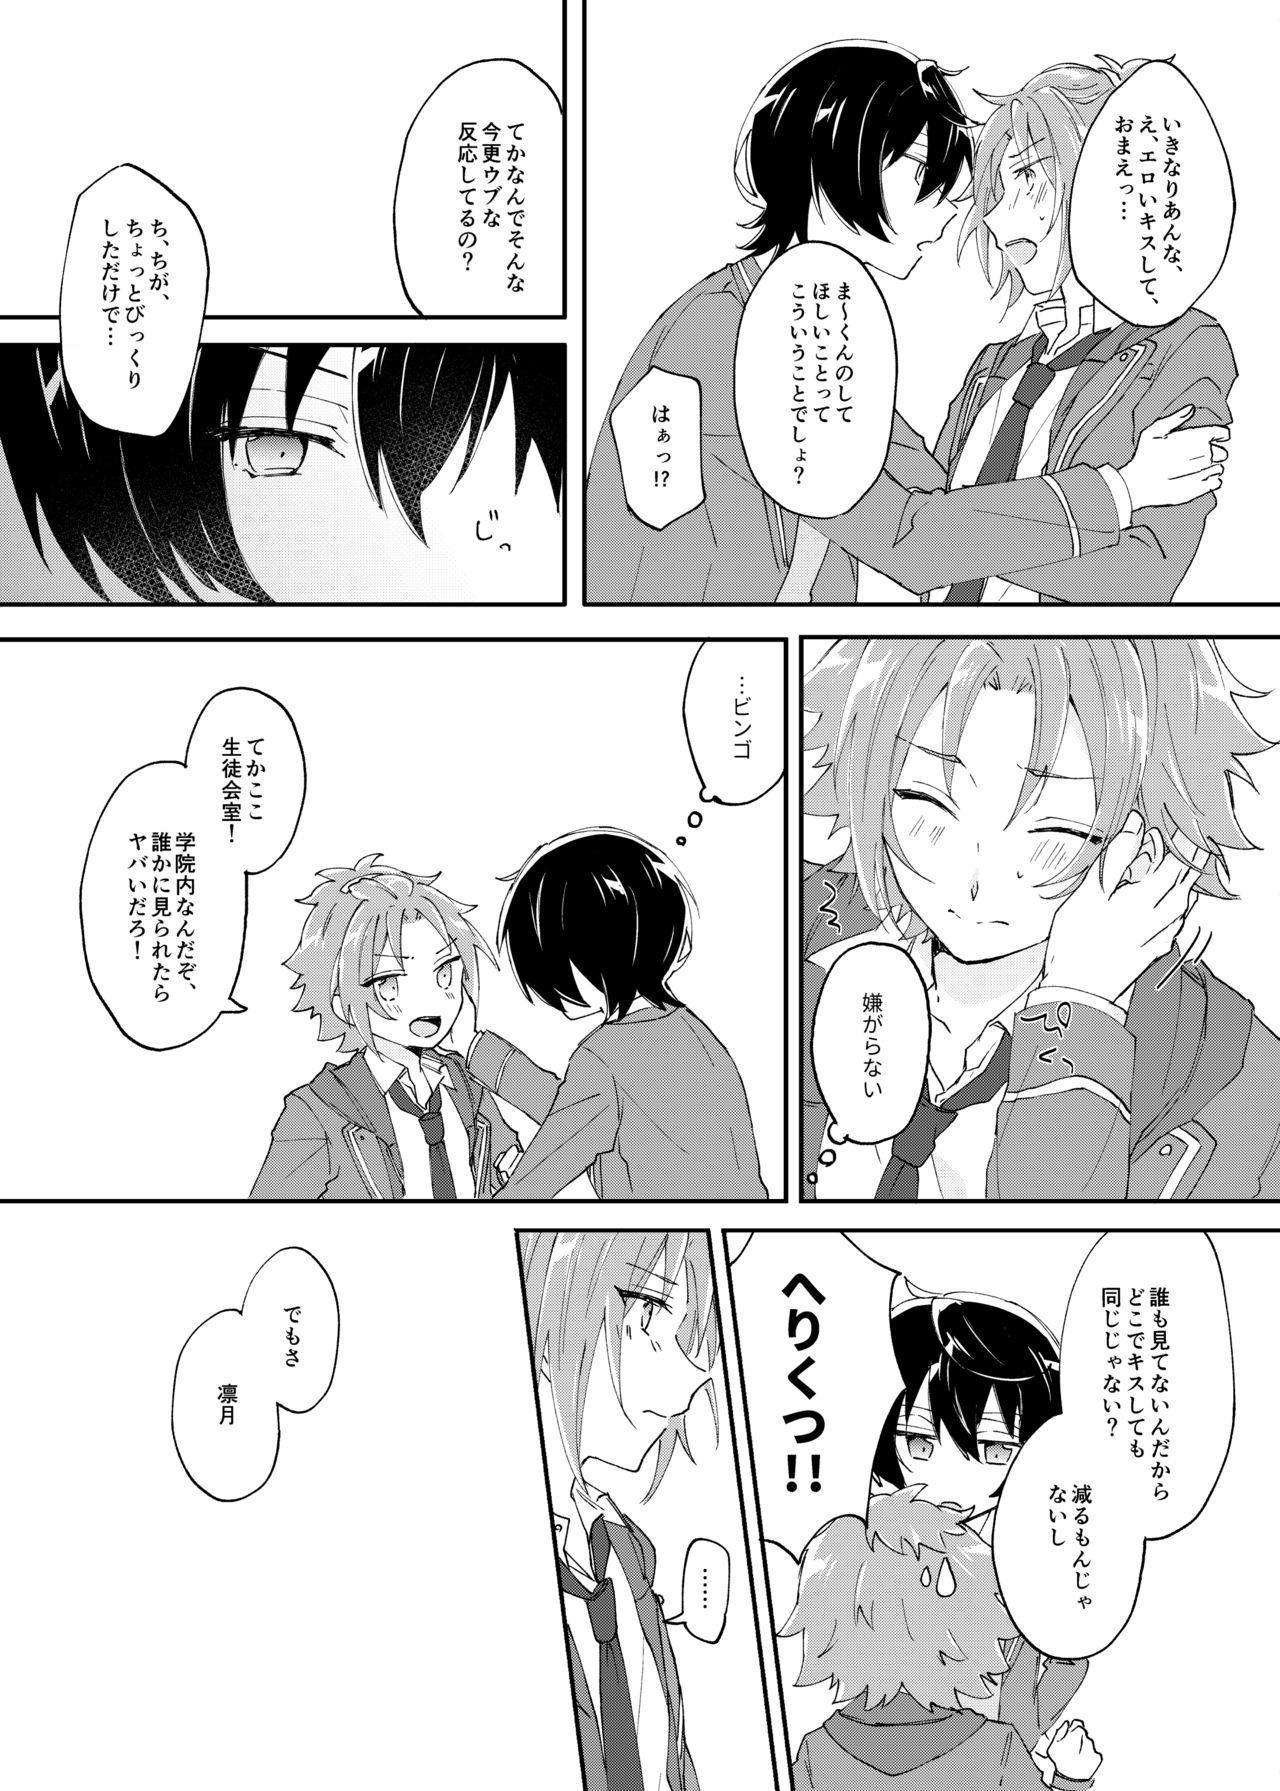 Rou o Tokashite 9